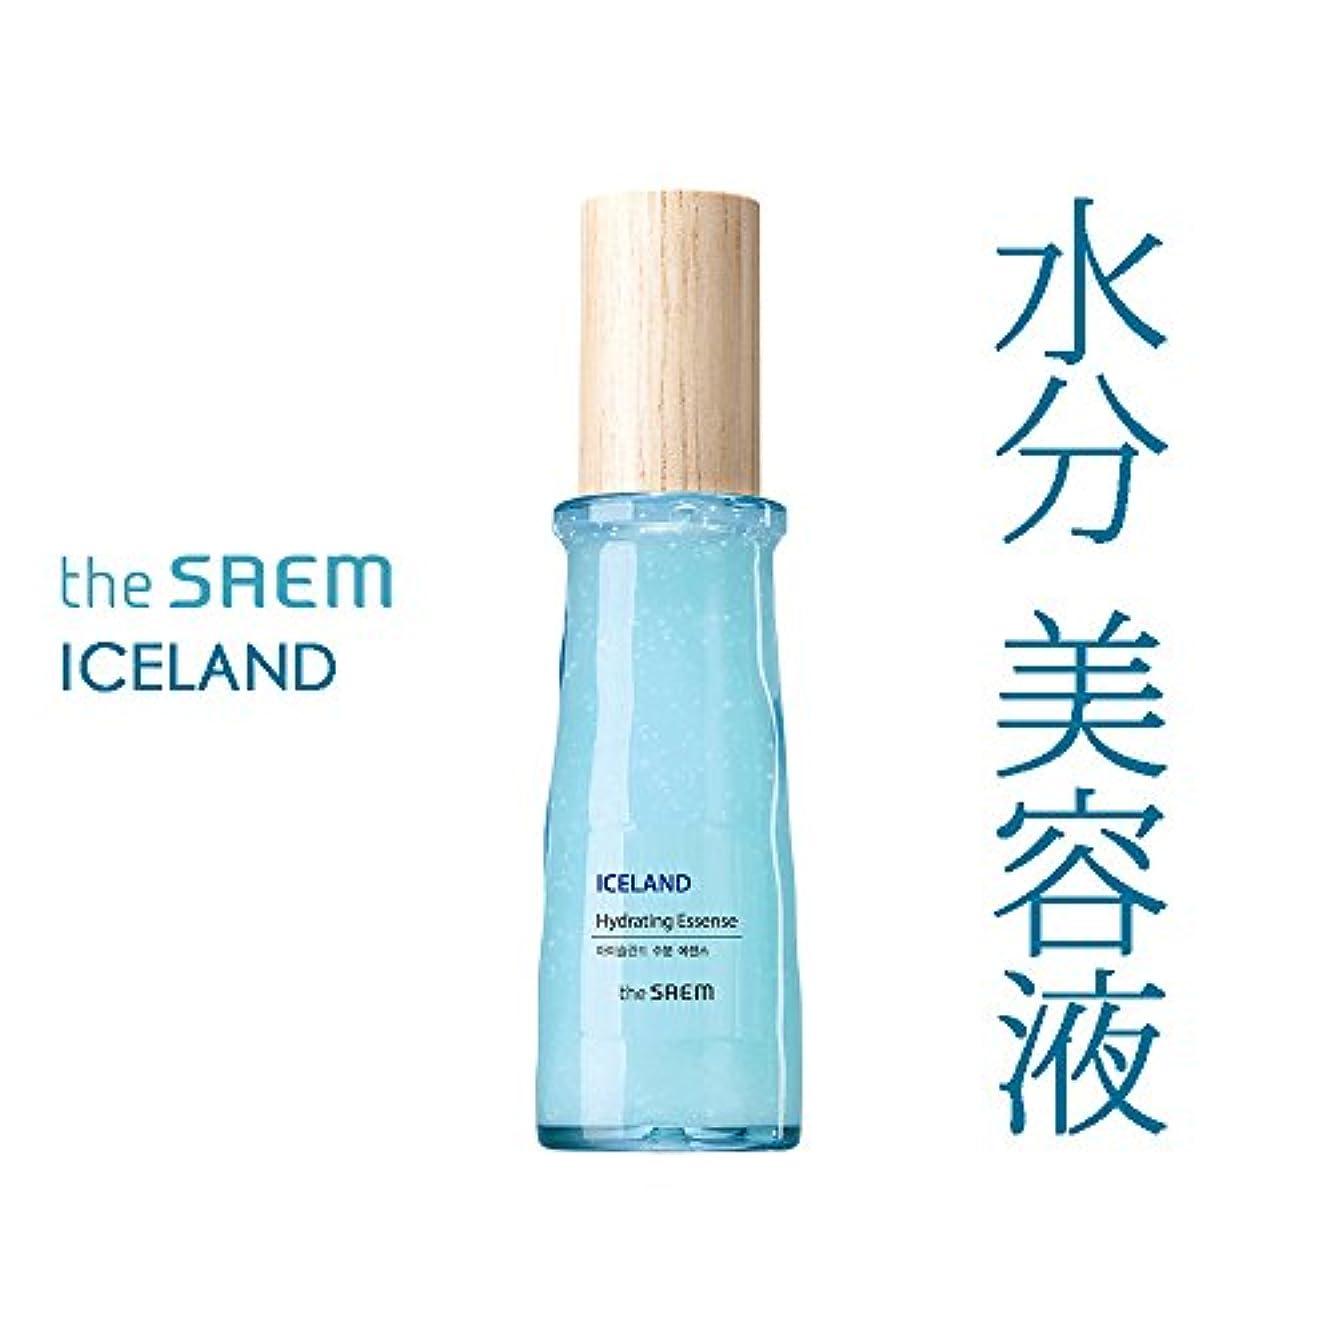 チャップ豊富組立ザ セム The saem アイスランド 水分 美容液 エッセンス The Saem Iceland Hydrating Essence 60ml